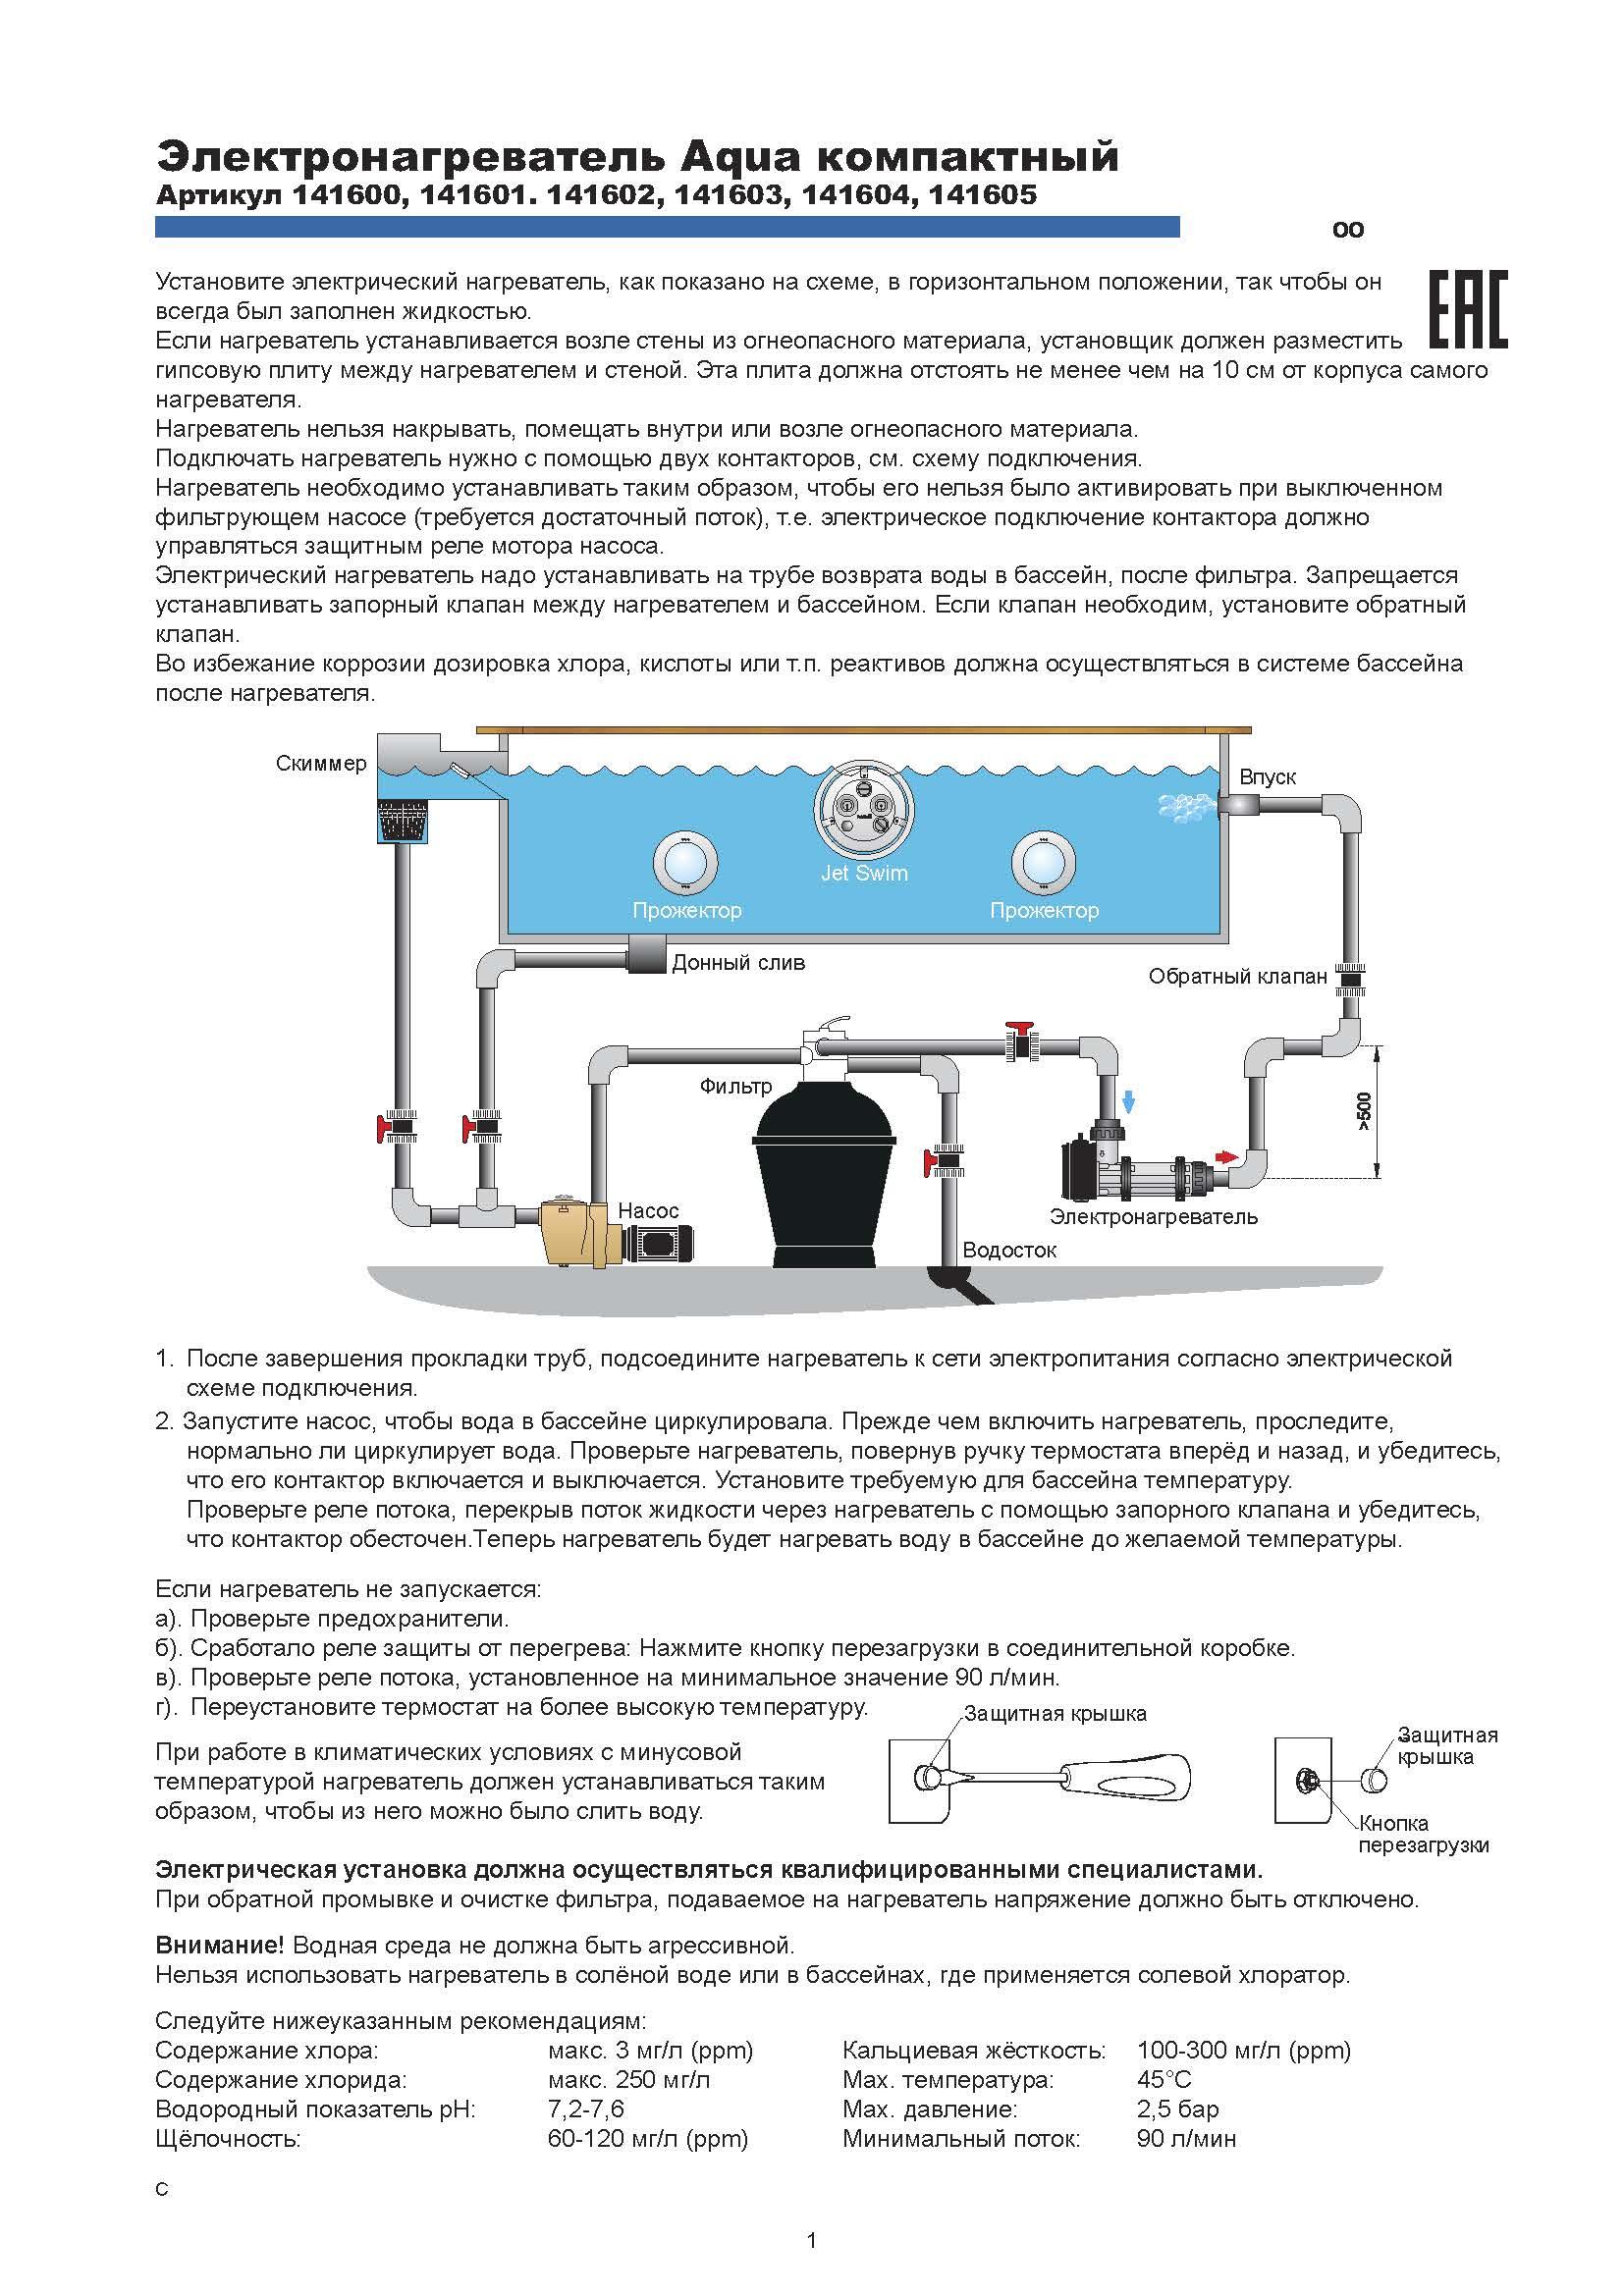 Электрическая схема подключения электрического водонагревателя для бассейна